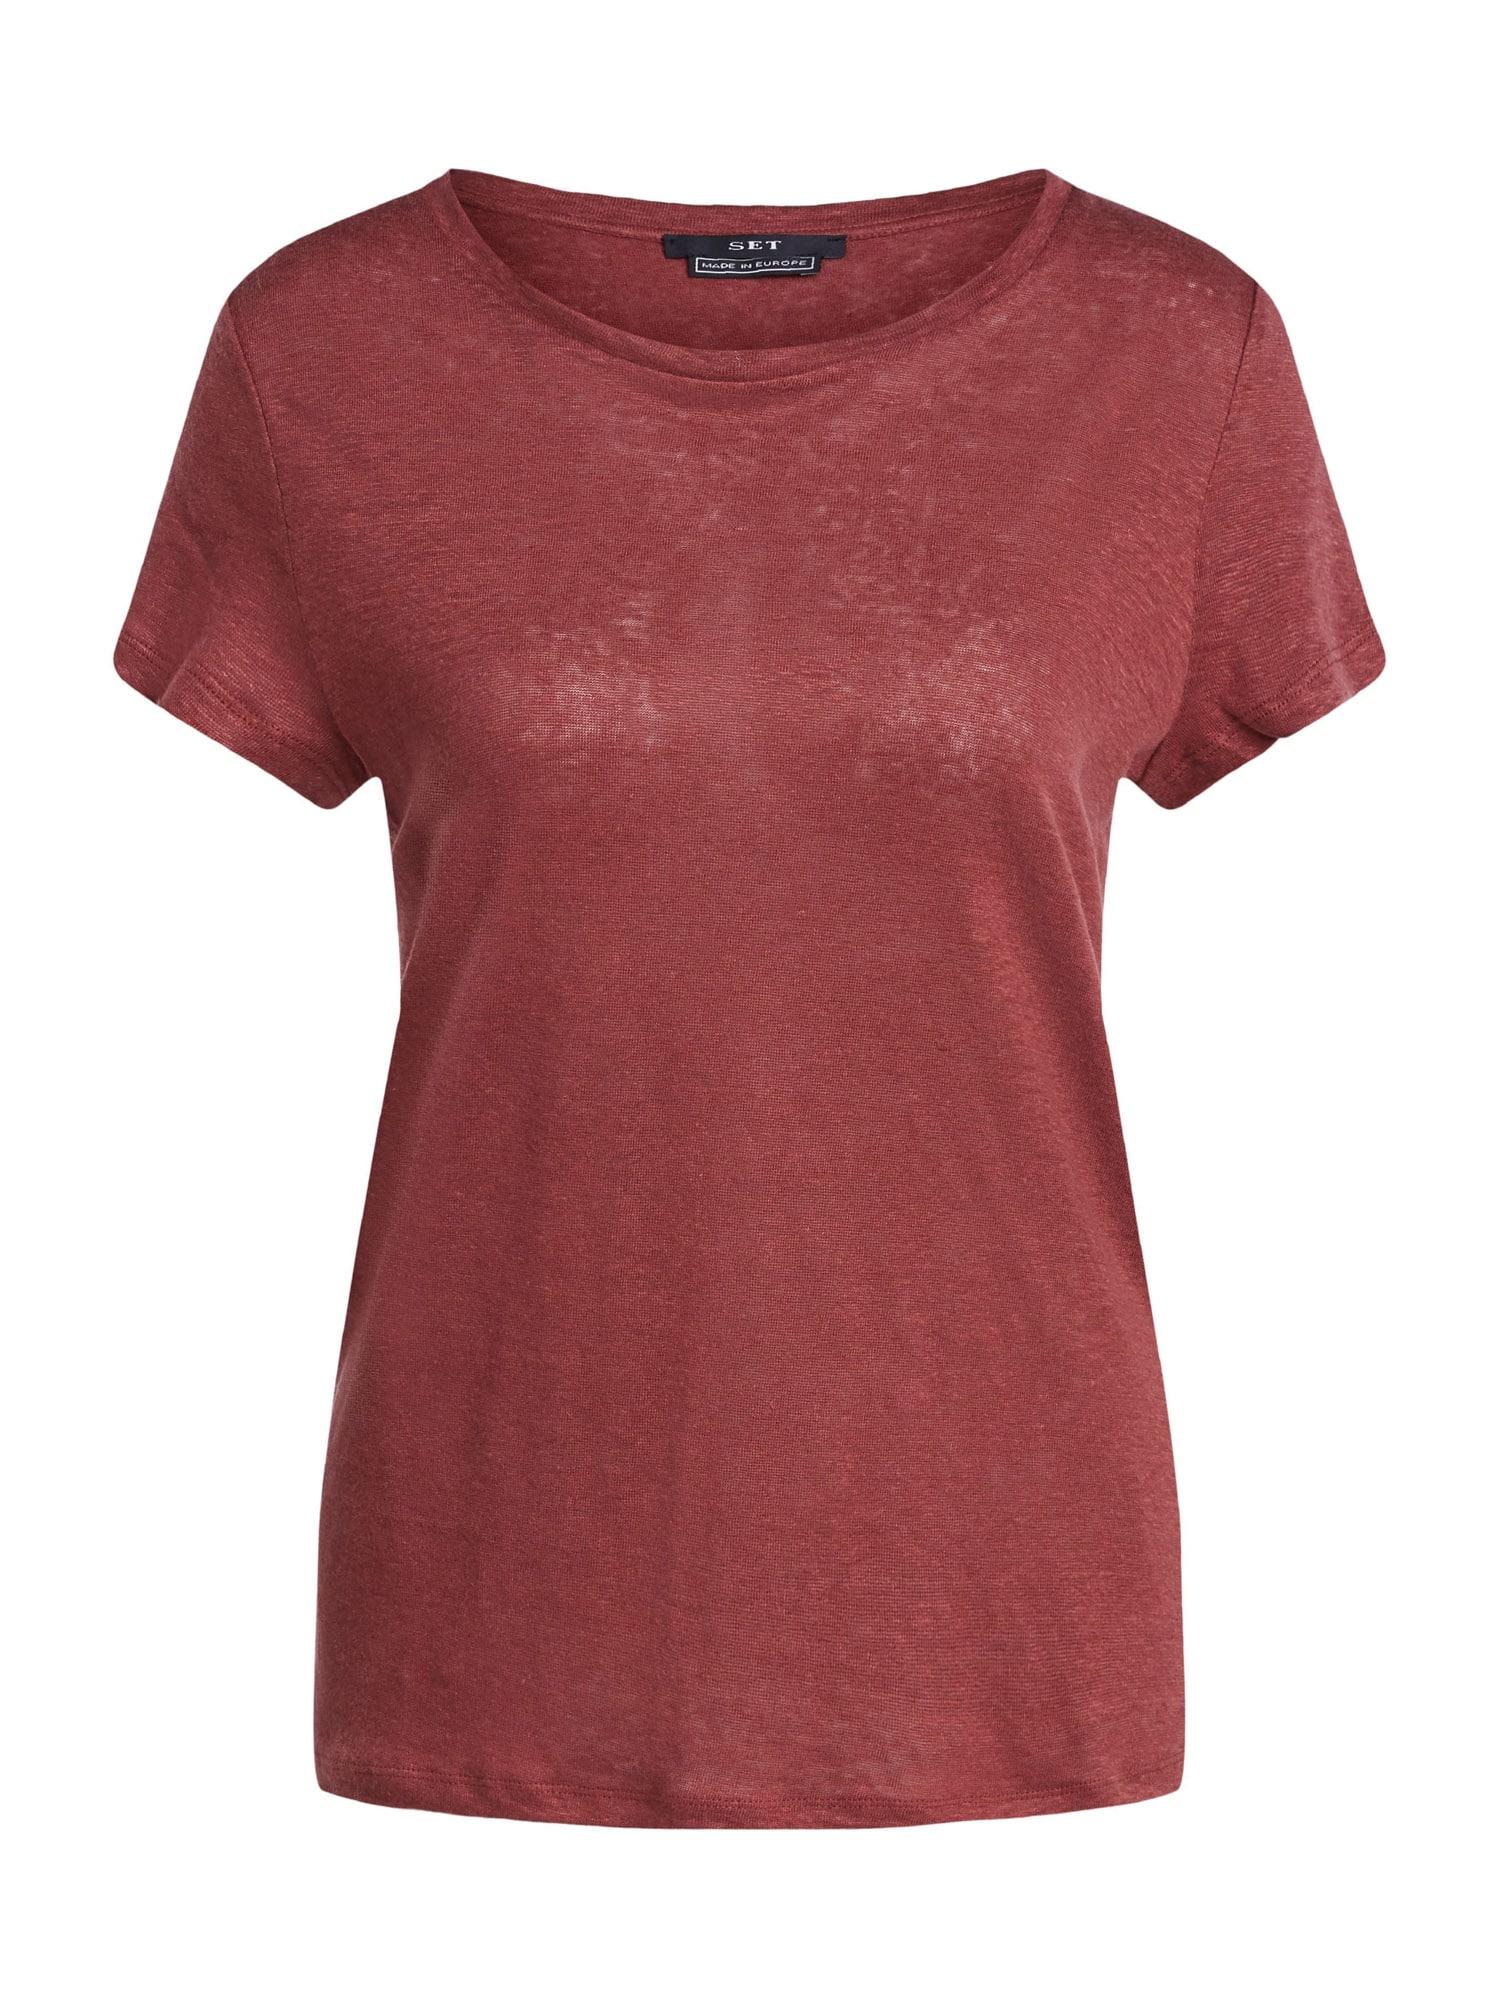 SET Marškinėliai vyno raudona spalva